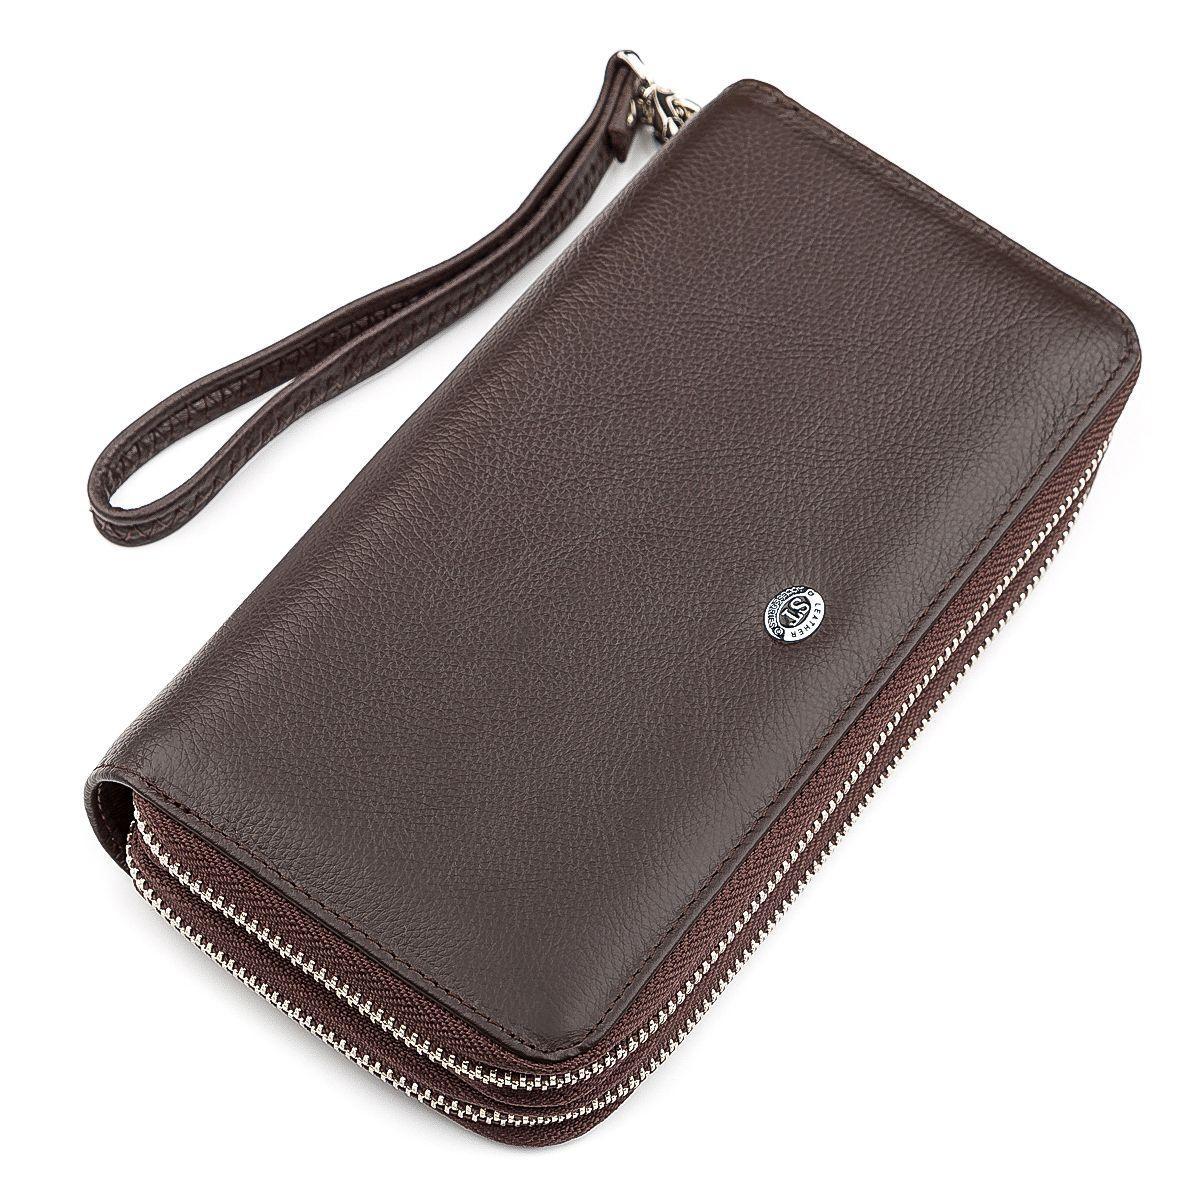 Мужской кошелек ST Leather 18450 (ST127) две молнии Коричневый, Коричневый